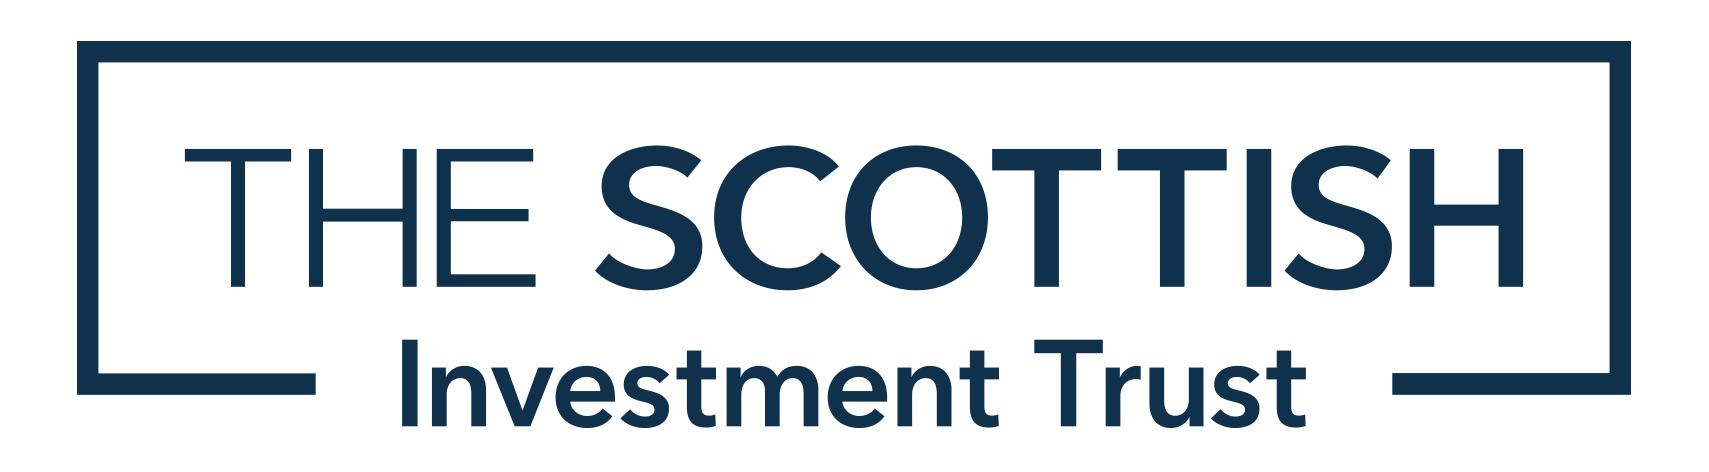 scottish investment trust wikipedia